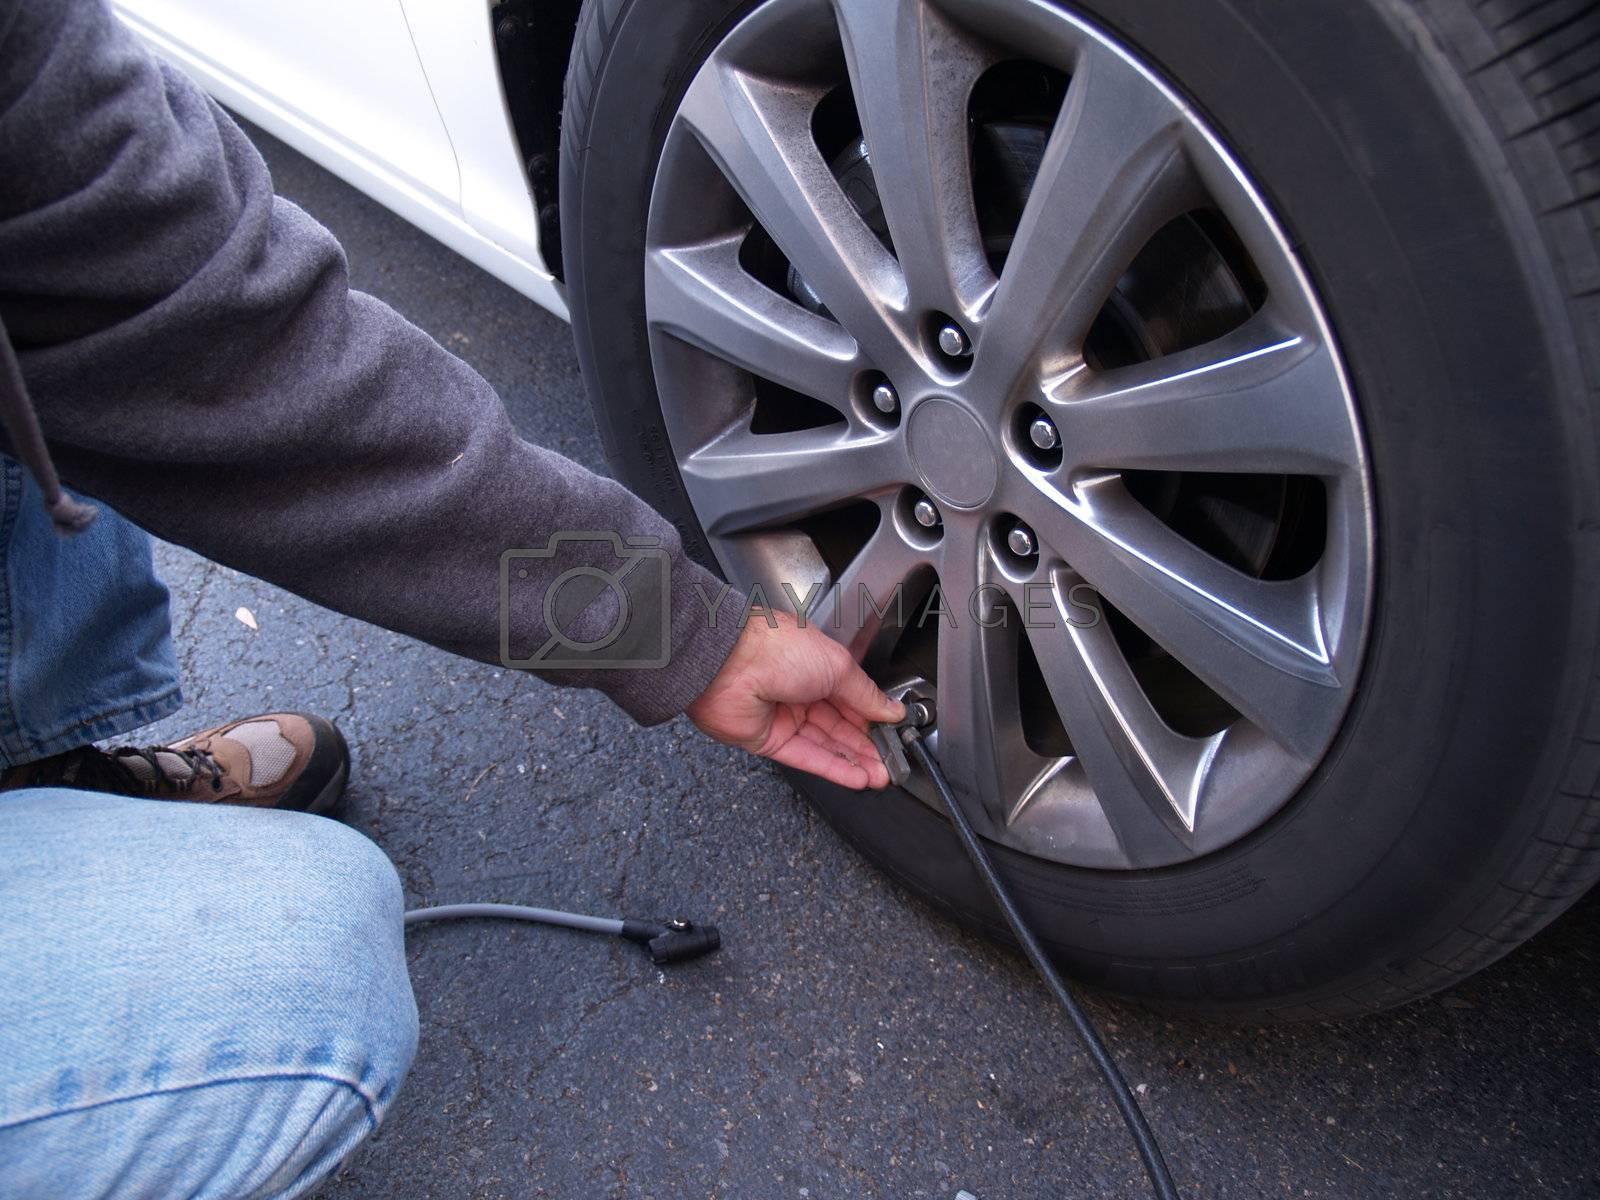 man checking air pressure in car tire